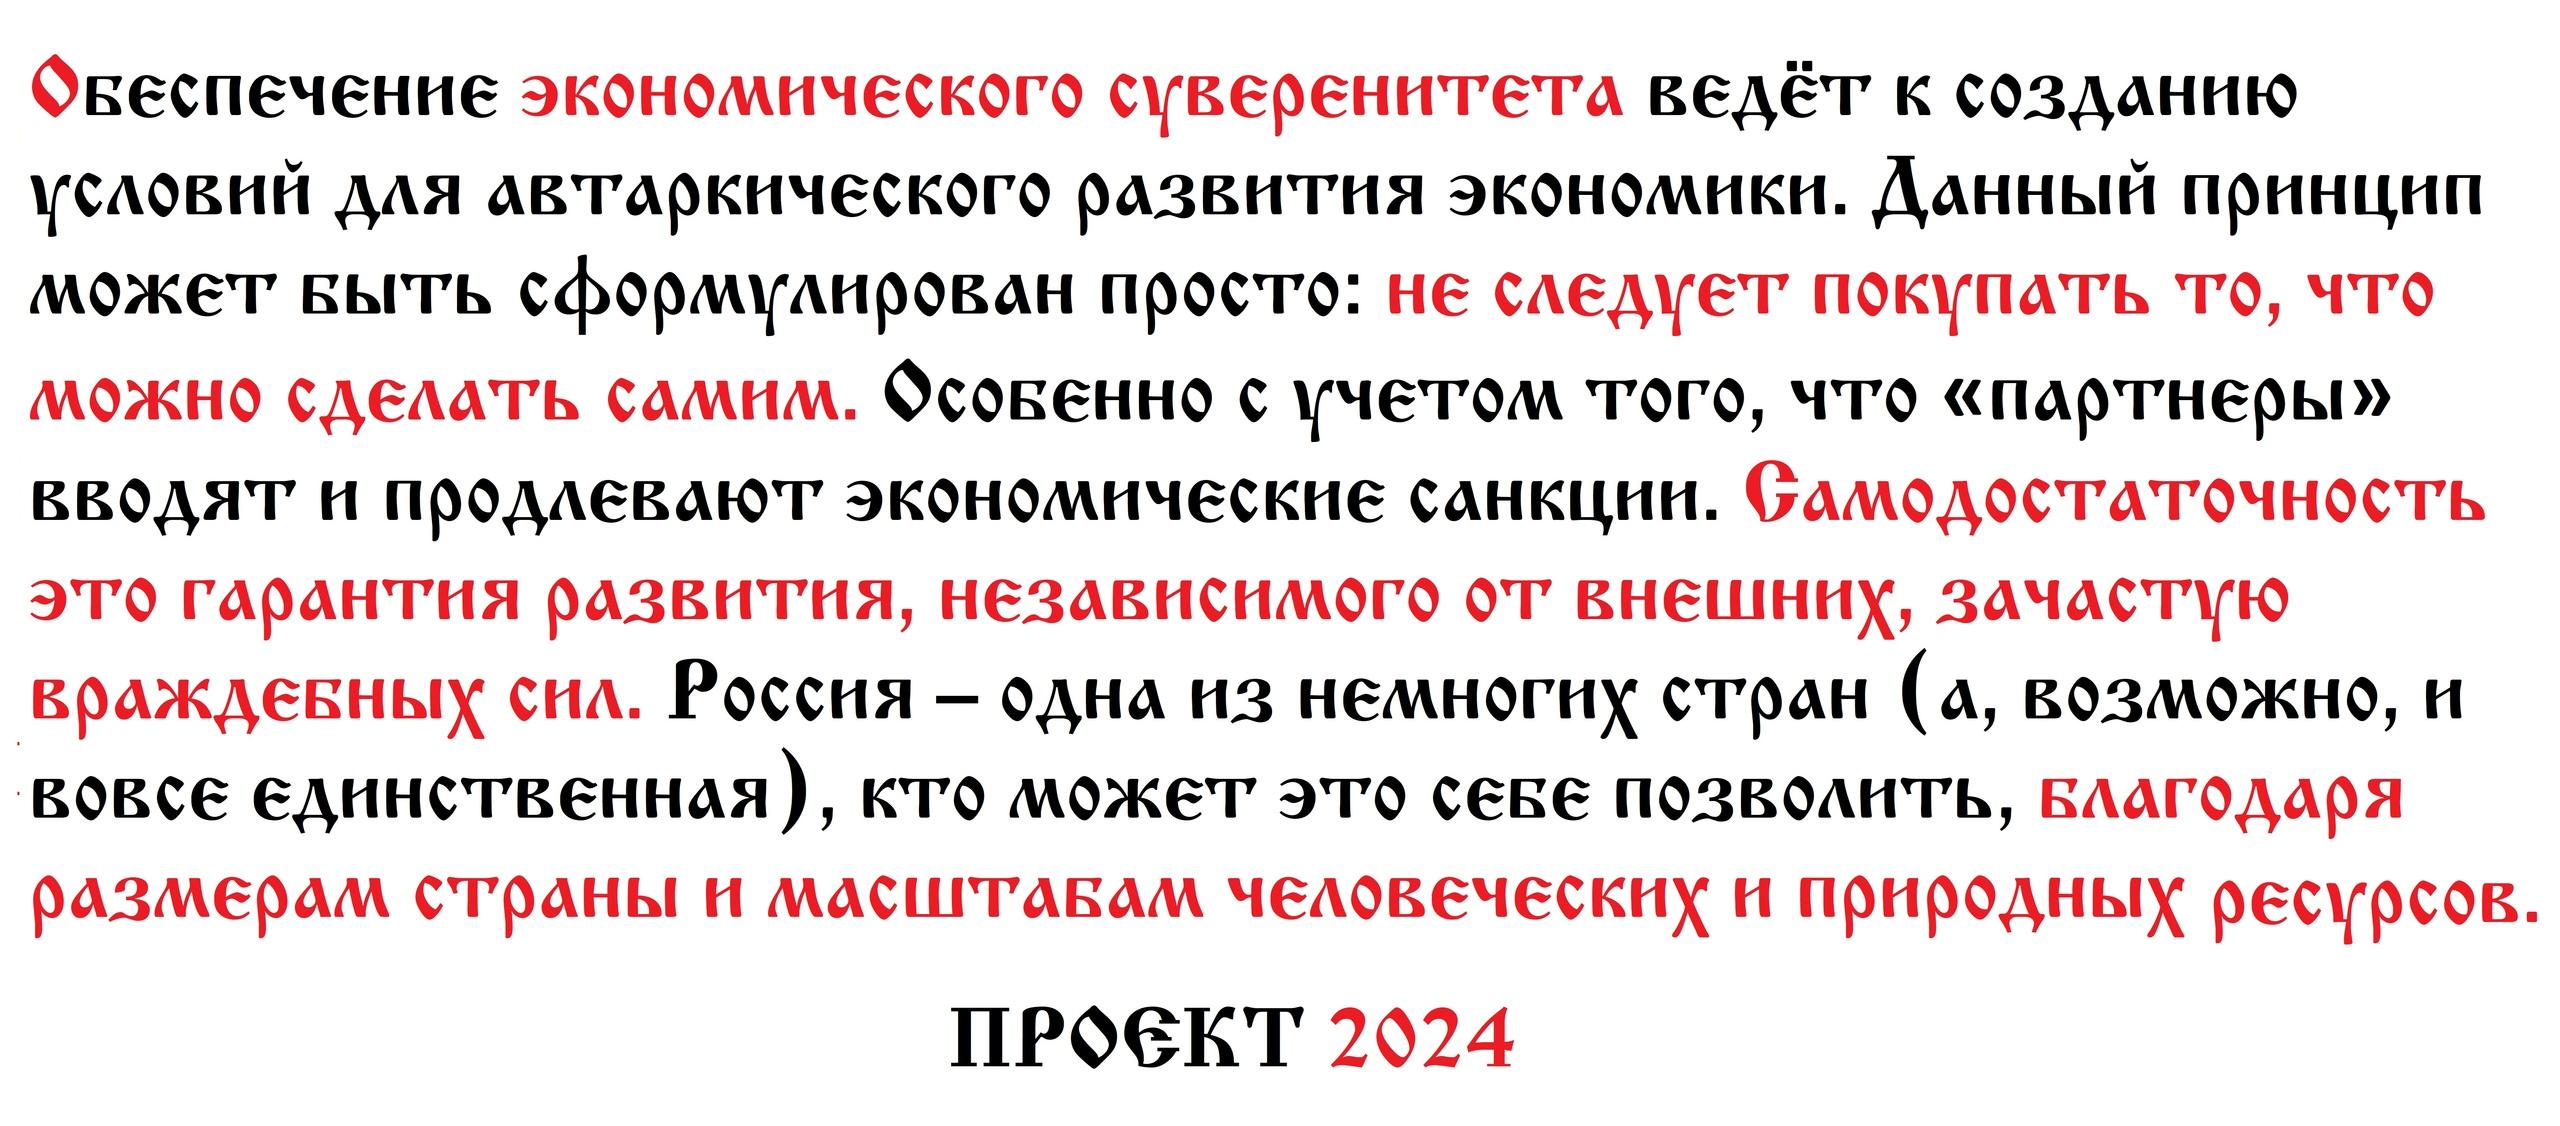 qK3rO4-87t4.jpg